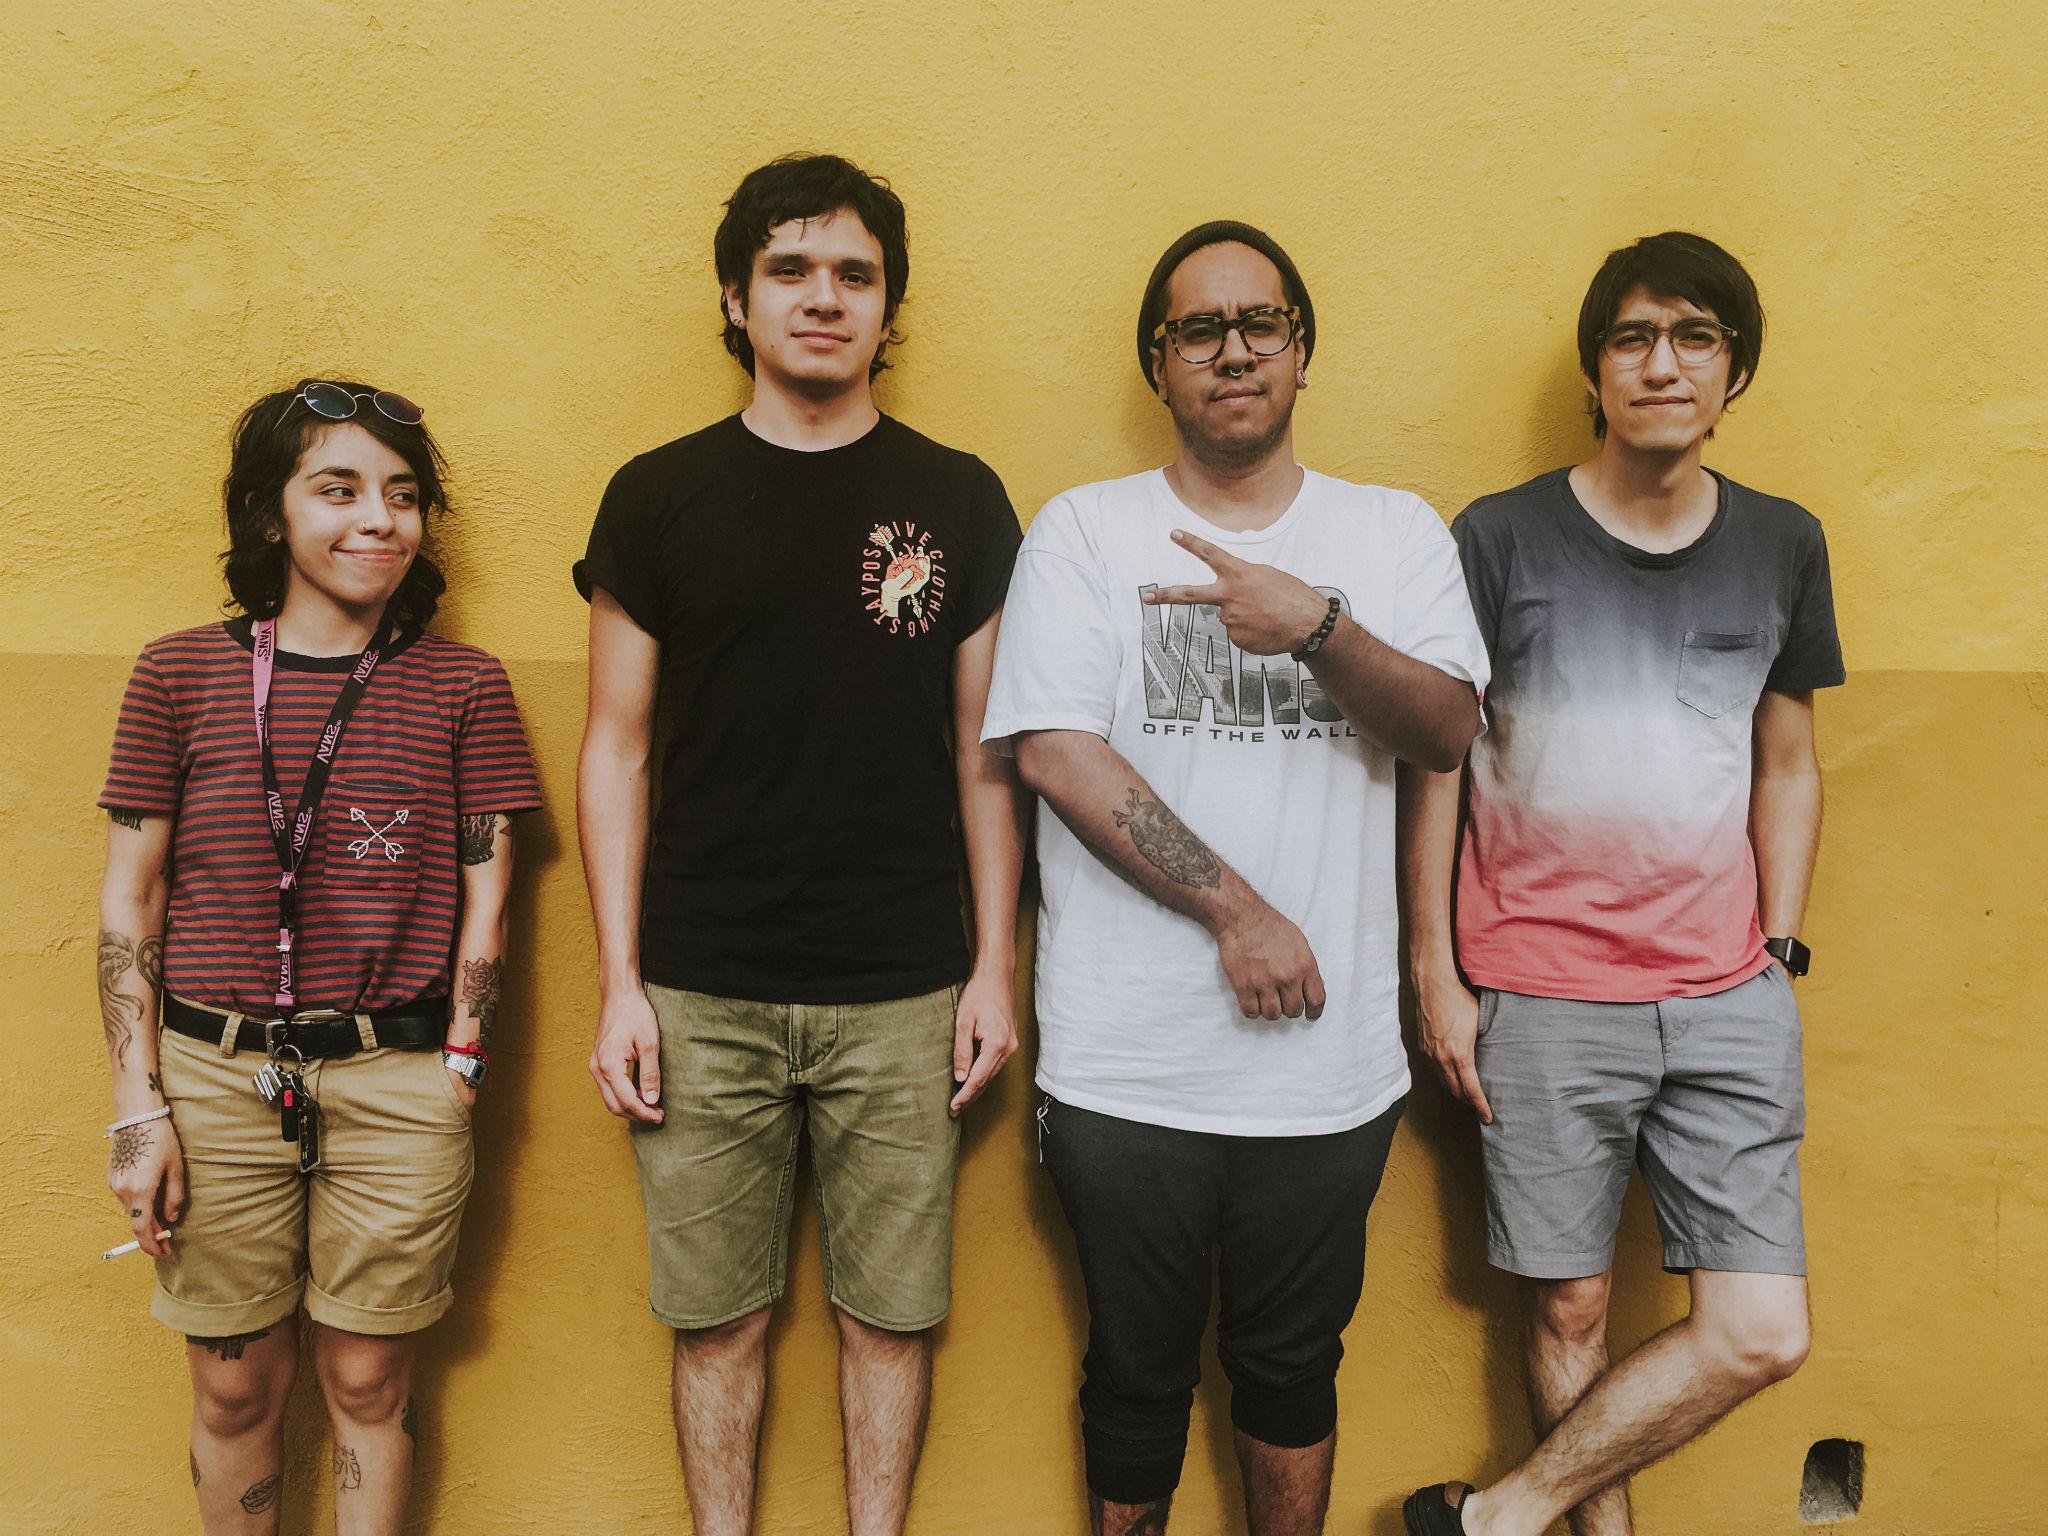 La banda Holbox está integrada por cuatro chicos